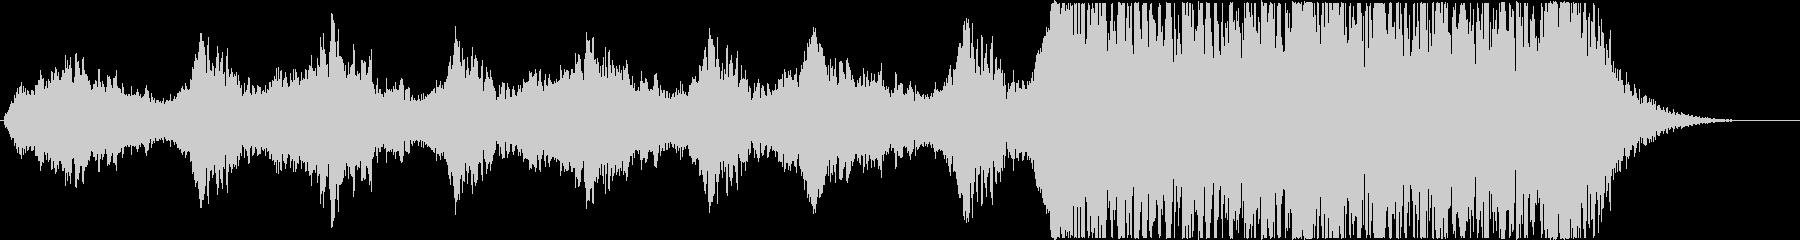 怖いうめき声~打楽器◆予告編/トレーラーの未再生の波形